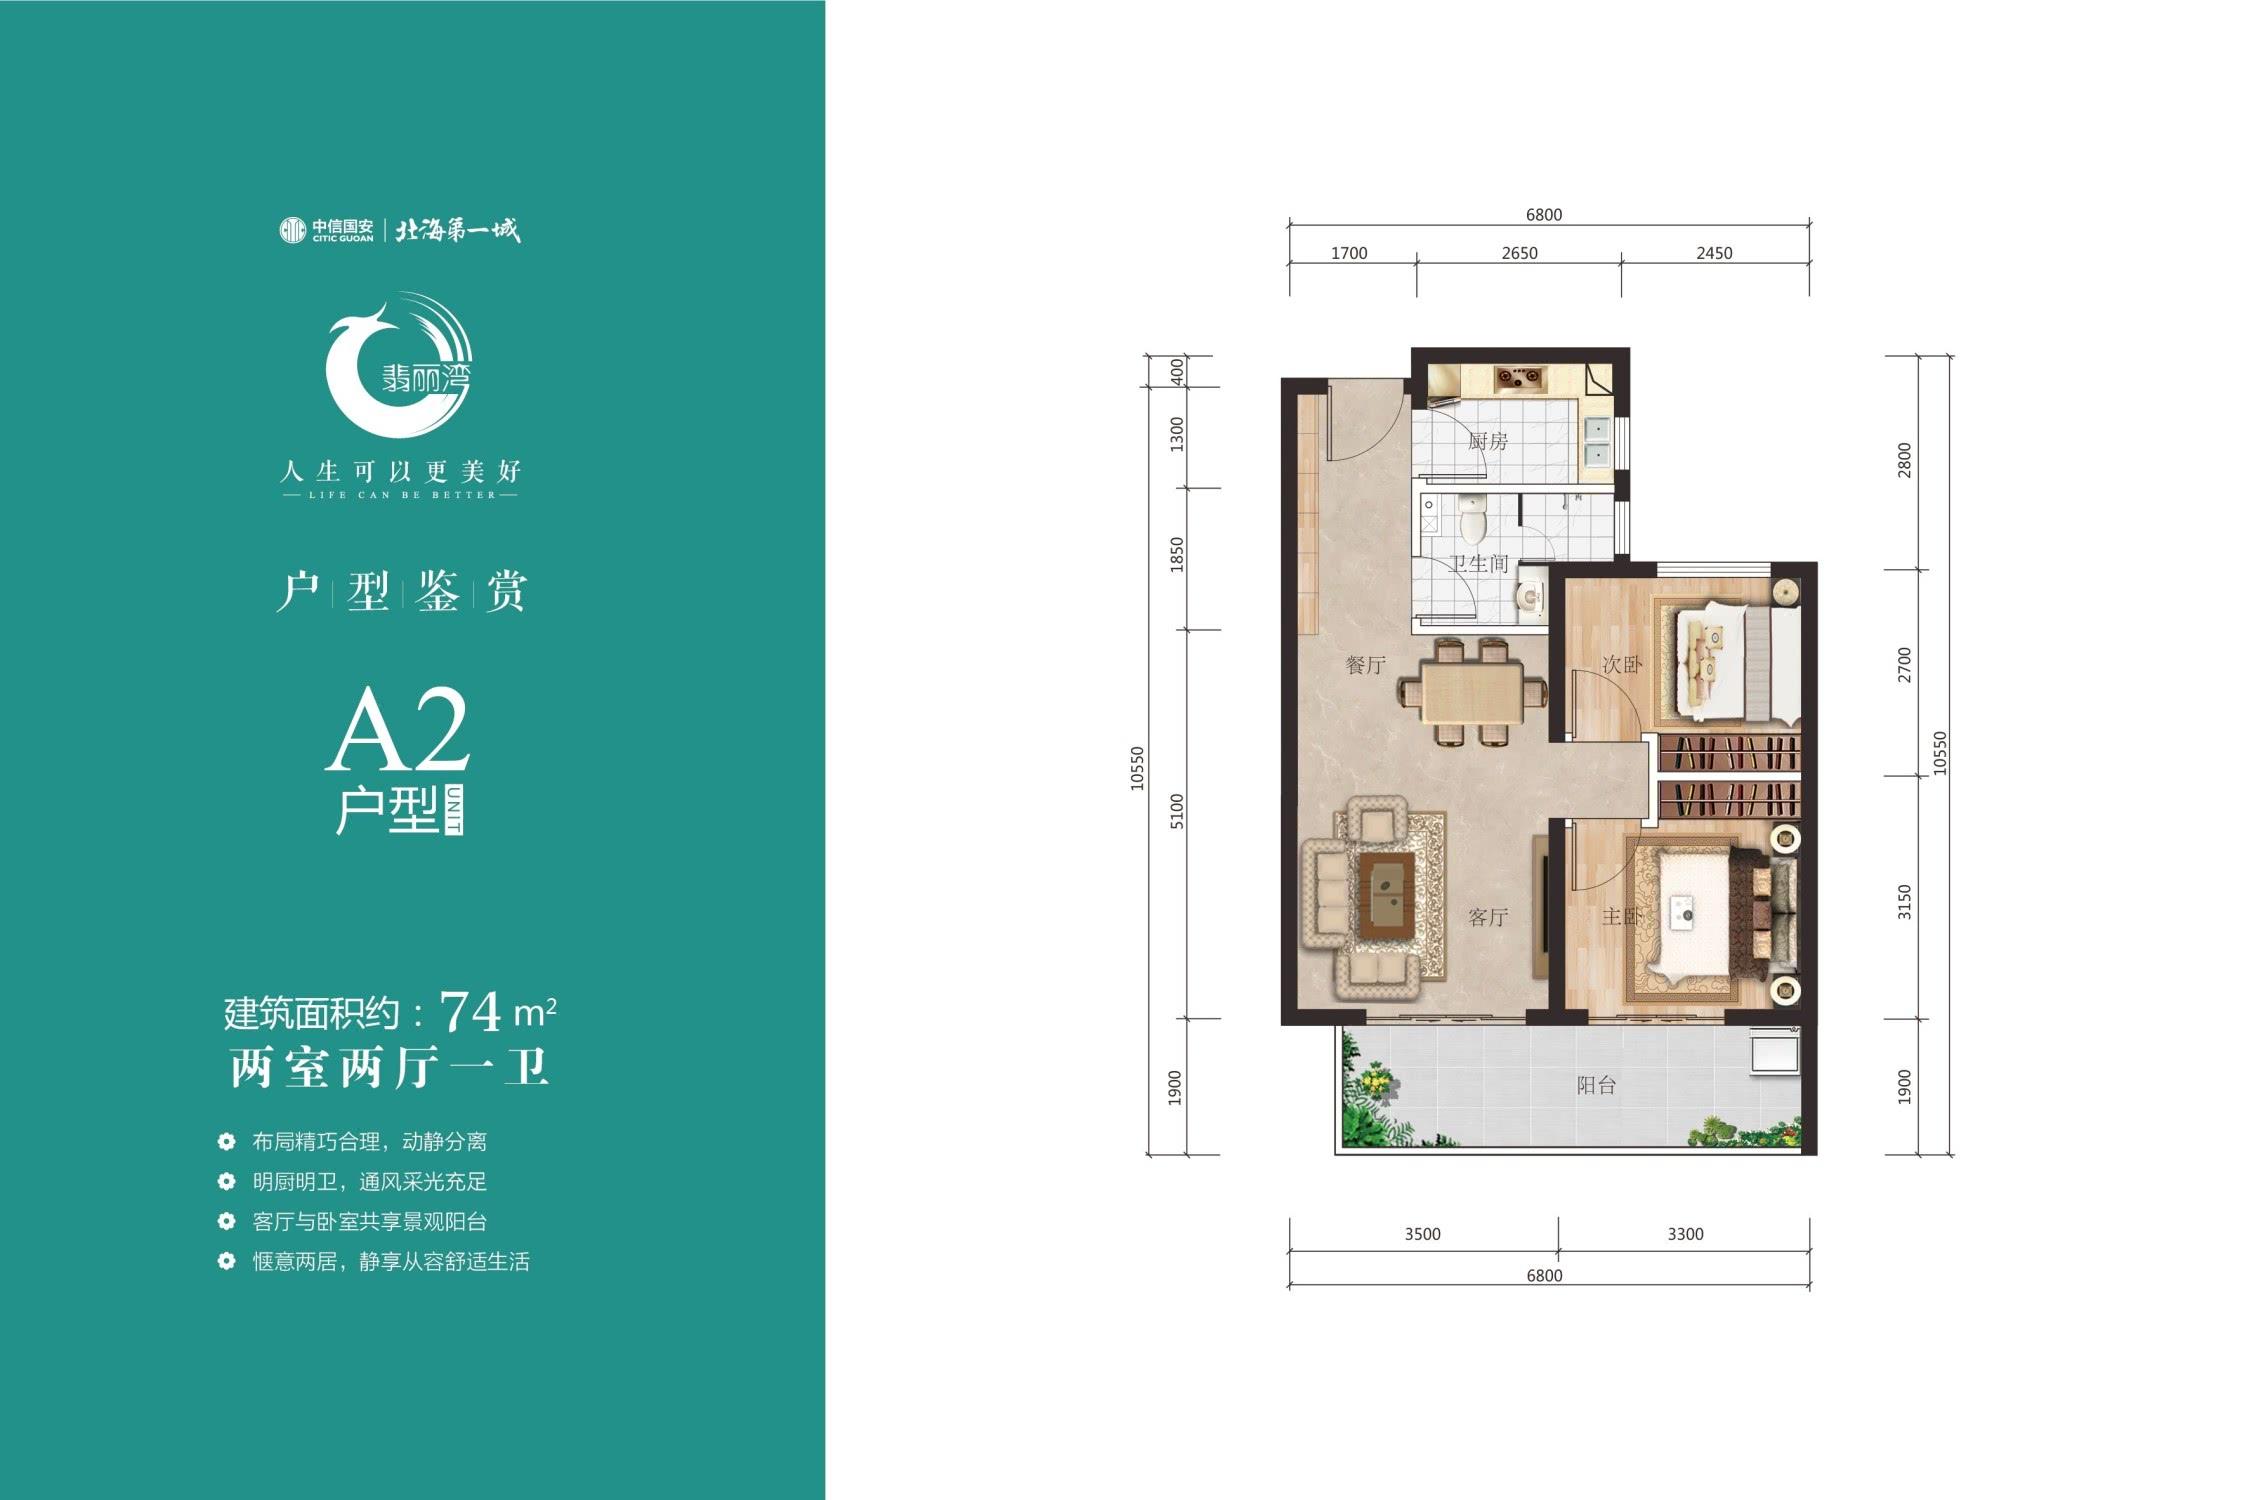 翡丽湾A2户型建面约74㎡两室两厅